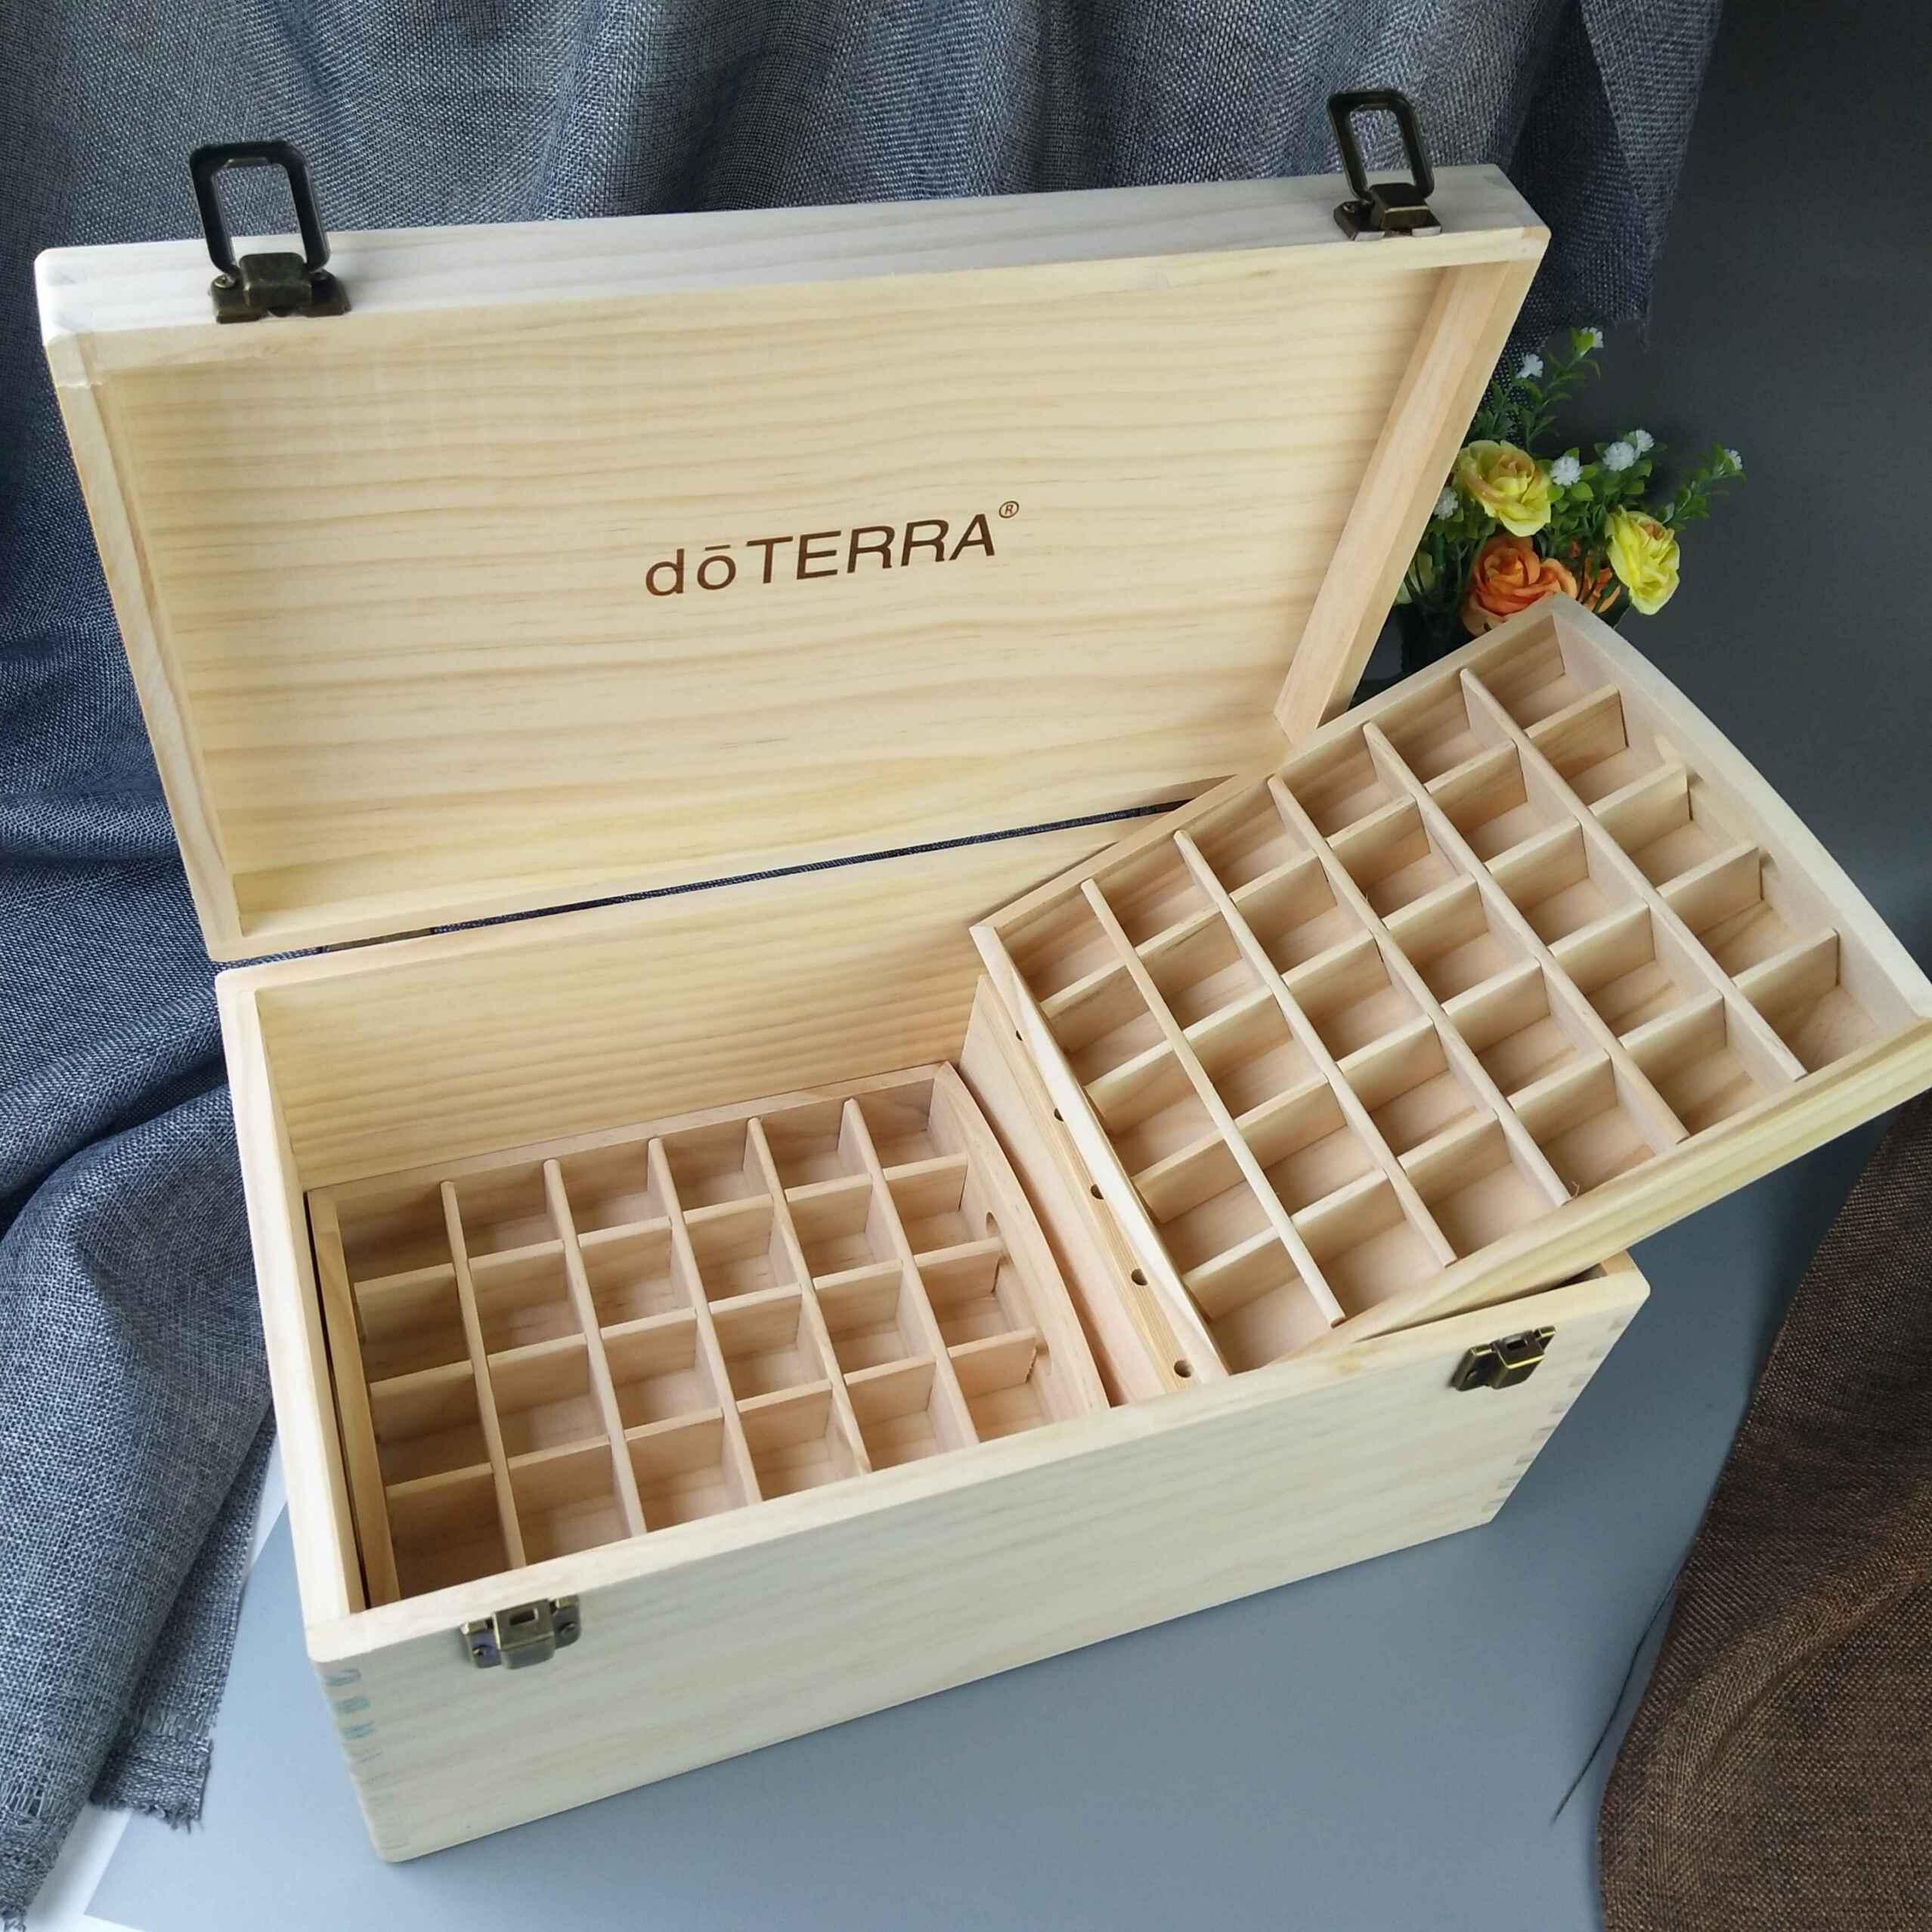 Dott швейцарский масло ящик 66 решетки хранения деревянный можно поставить кокос масло 5ml 15ml масло чистый сосна